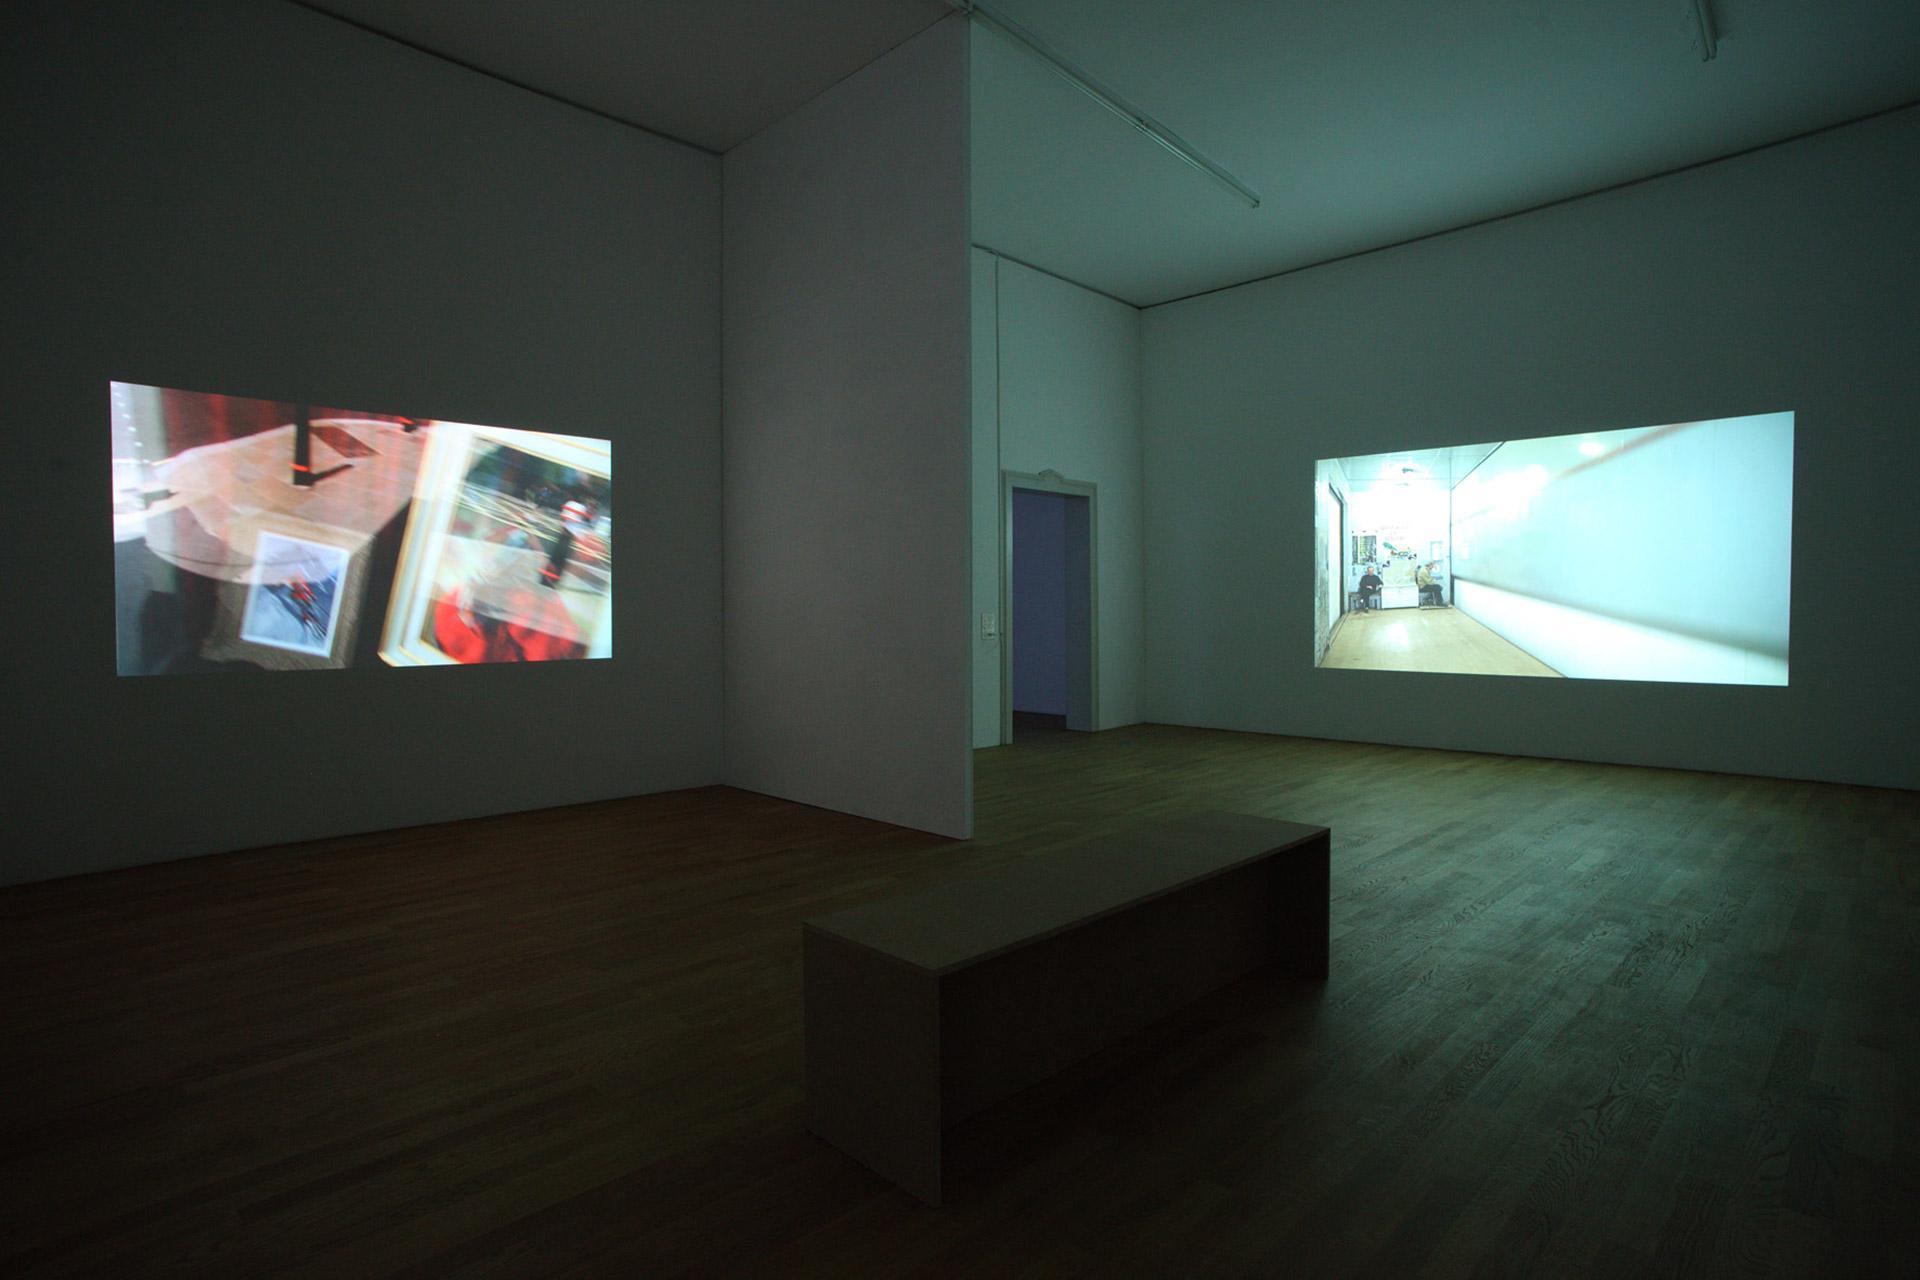 Mark-Lewis-Kunsthalle-Winterthur-2011-3.jpg